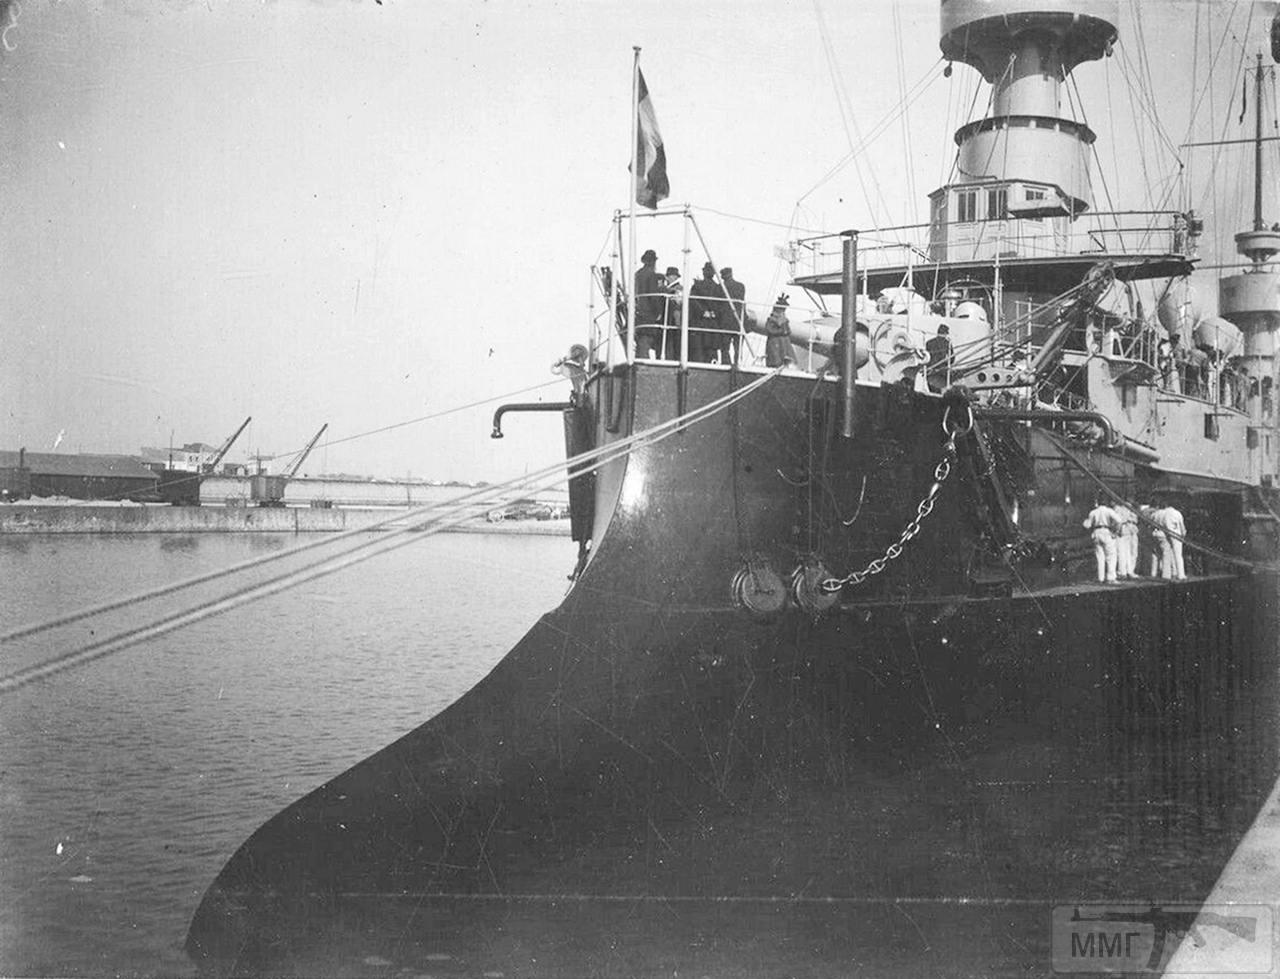 102851 - Броненосный крейсер Amiral Charner